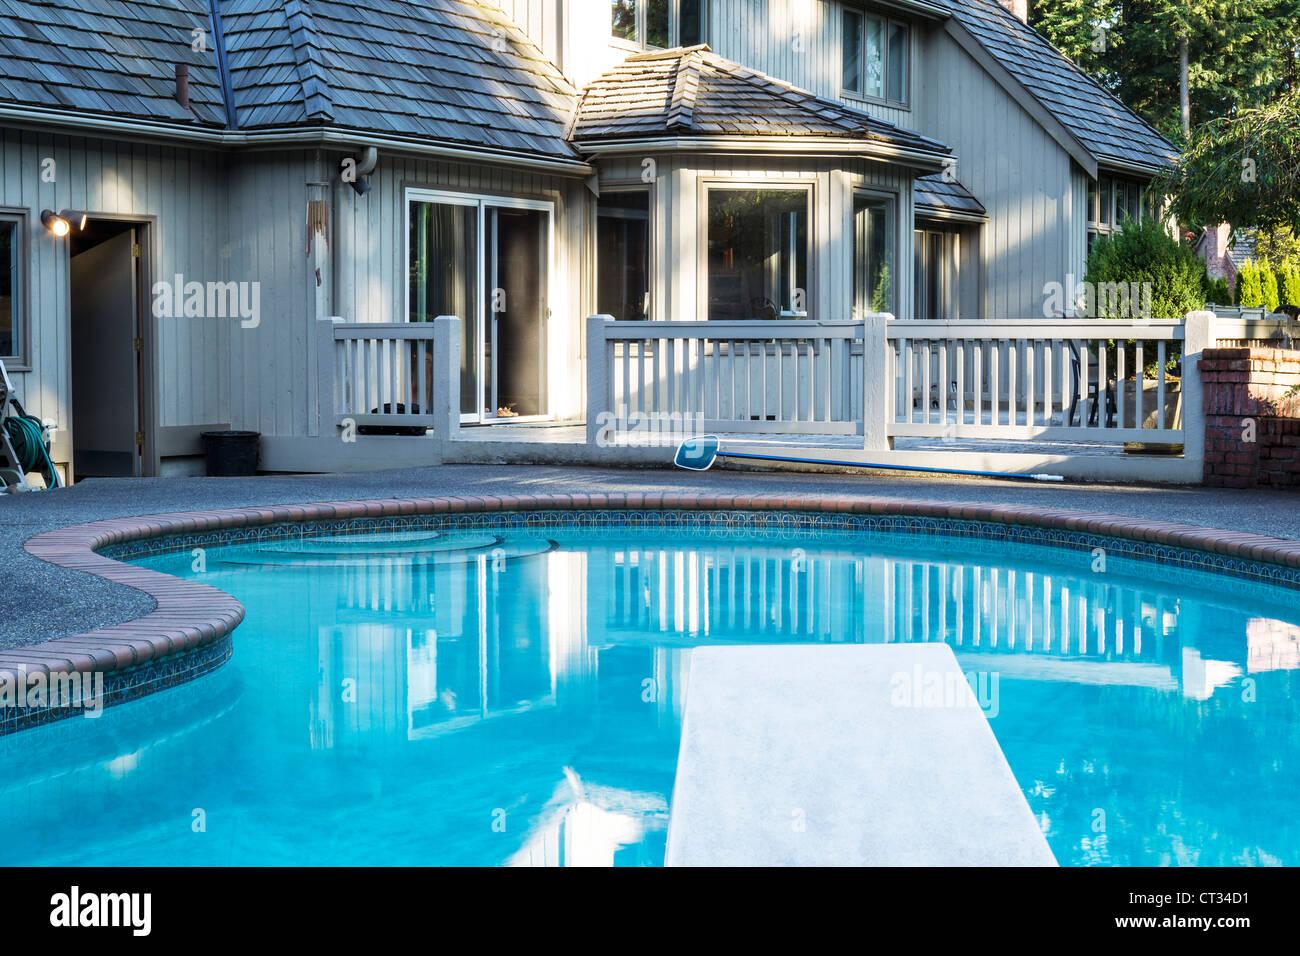 Piscina climatizada al aire libre con casa grande en el fondo con el verde de los árboles Imagen De Stock